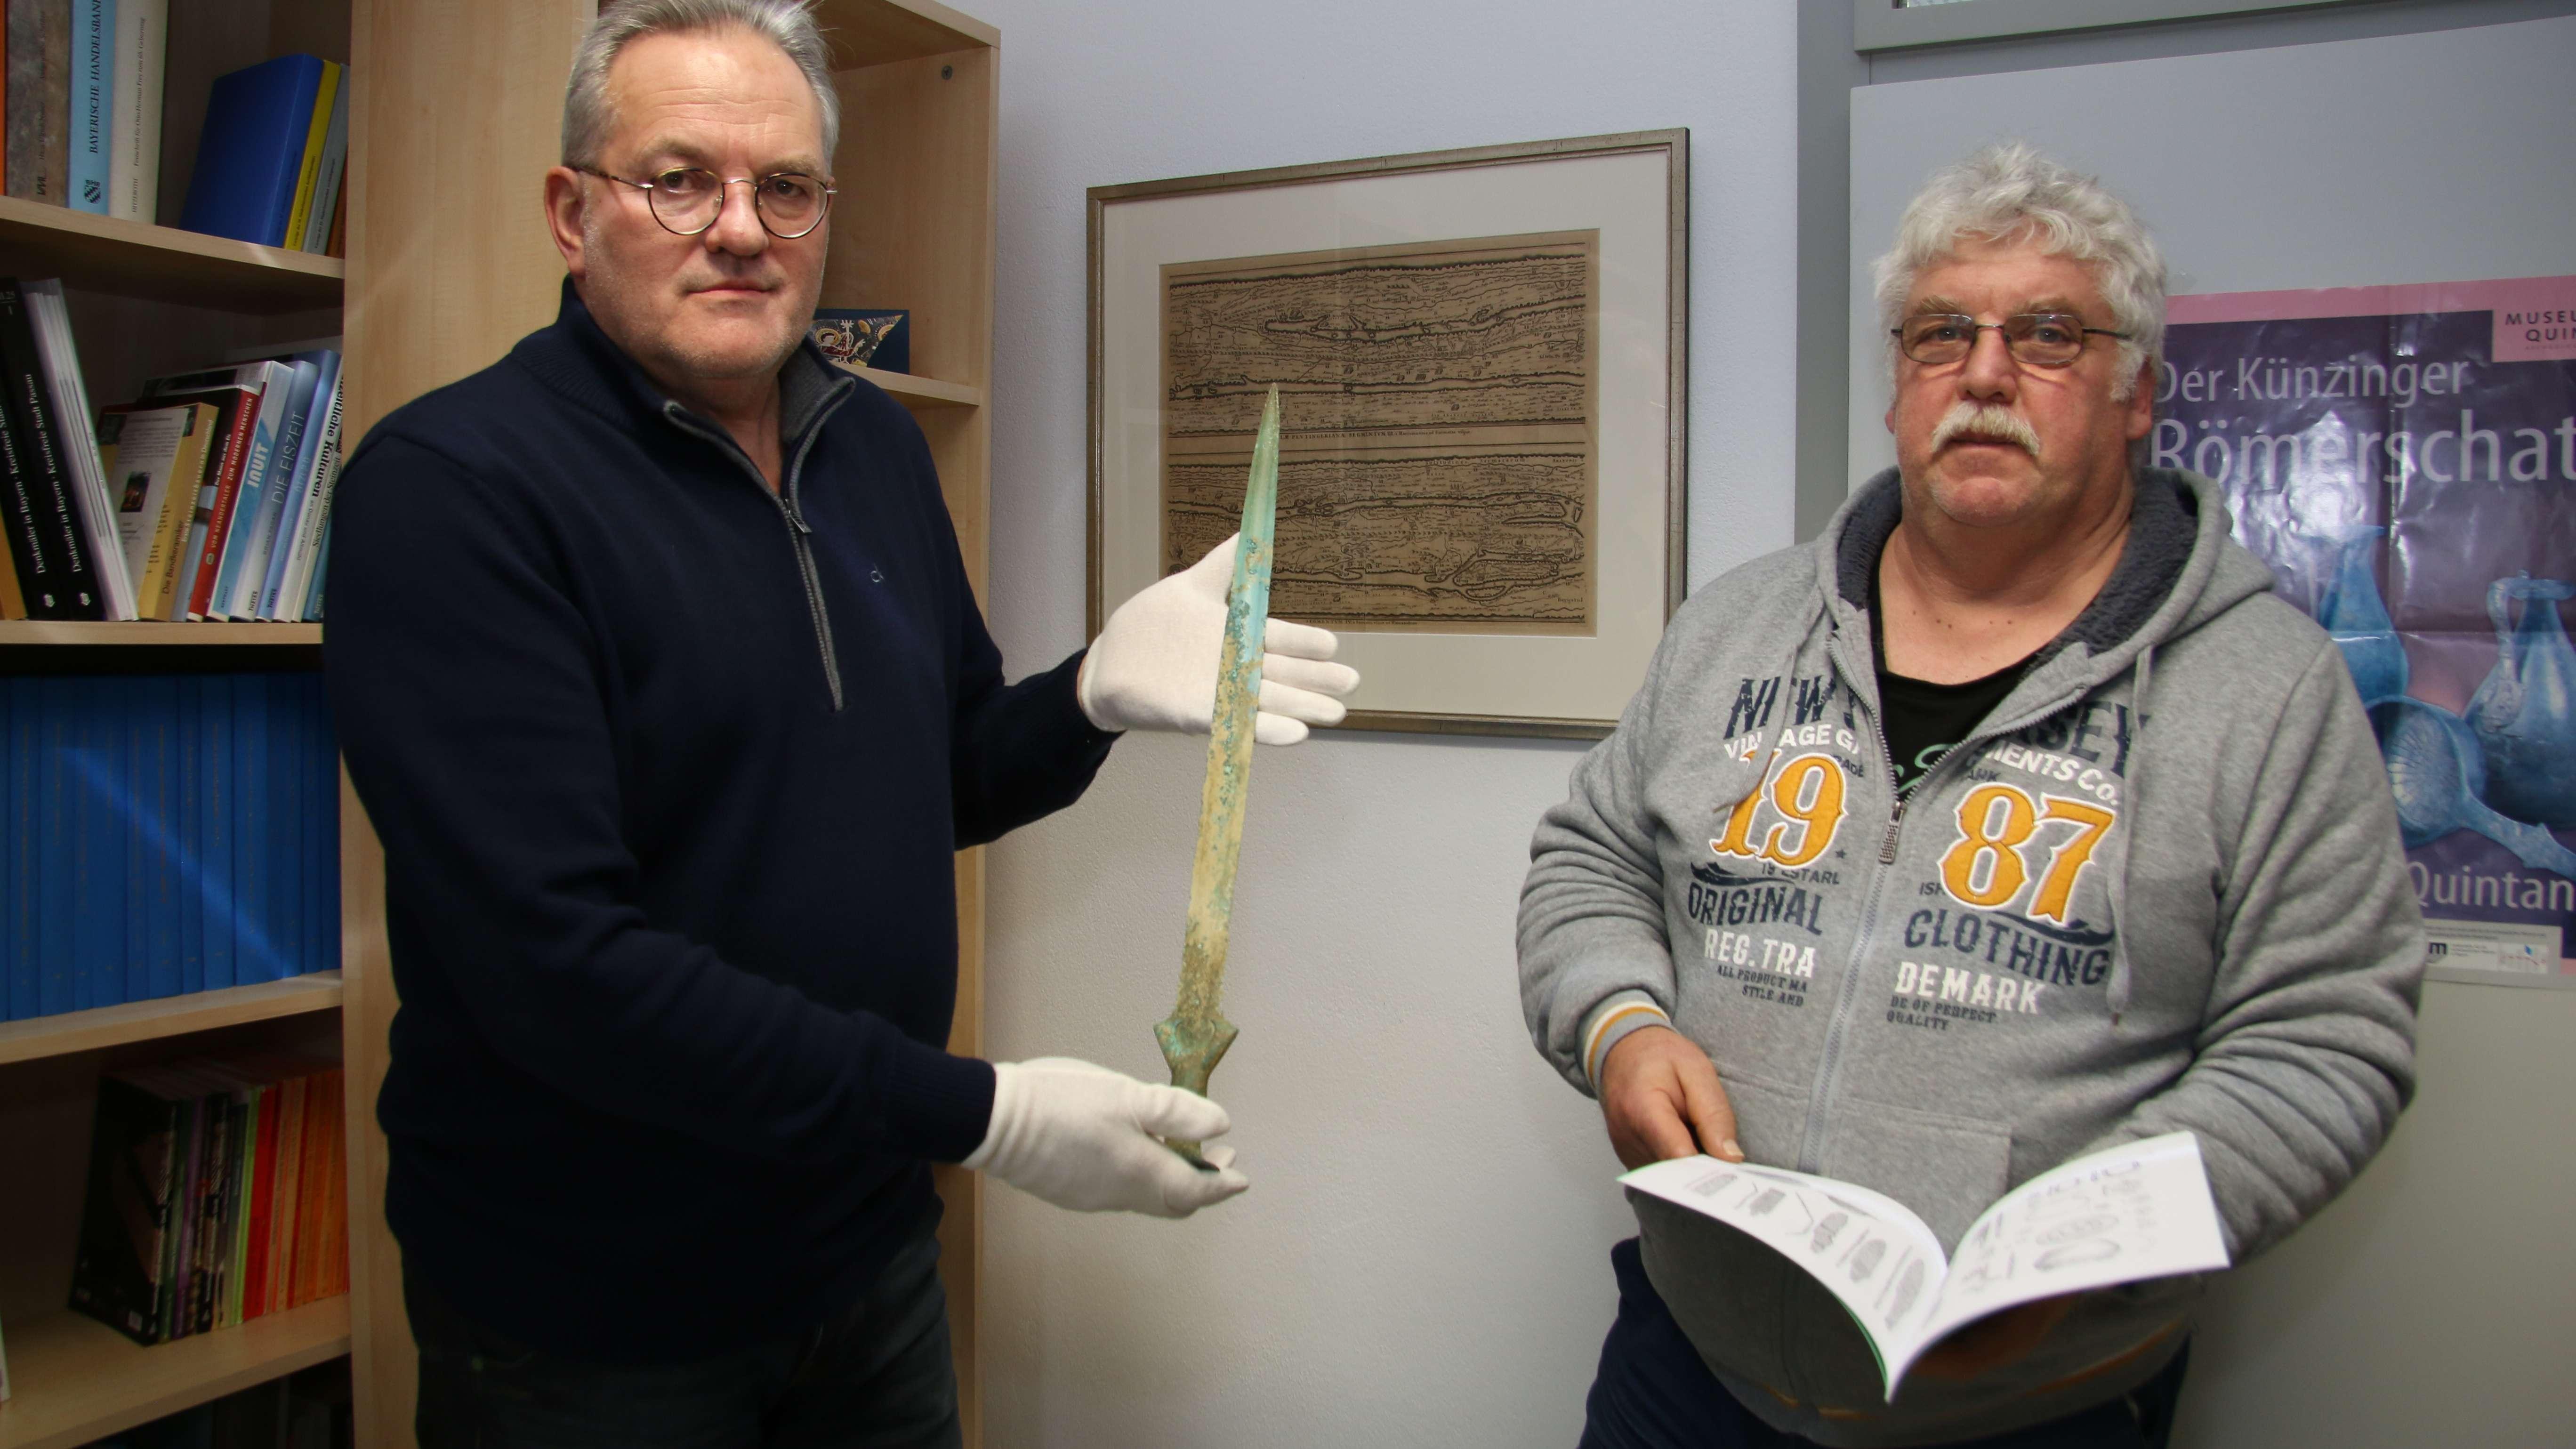 Kreisarchäologe Walter Wandling (links) mit dem Schwert und Mitarbeiter der Kreisarchäologie Reinhard Baumgartner